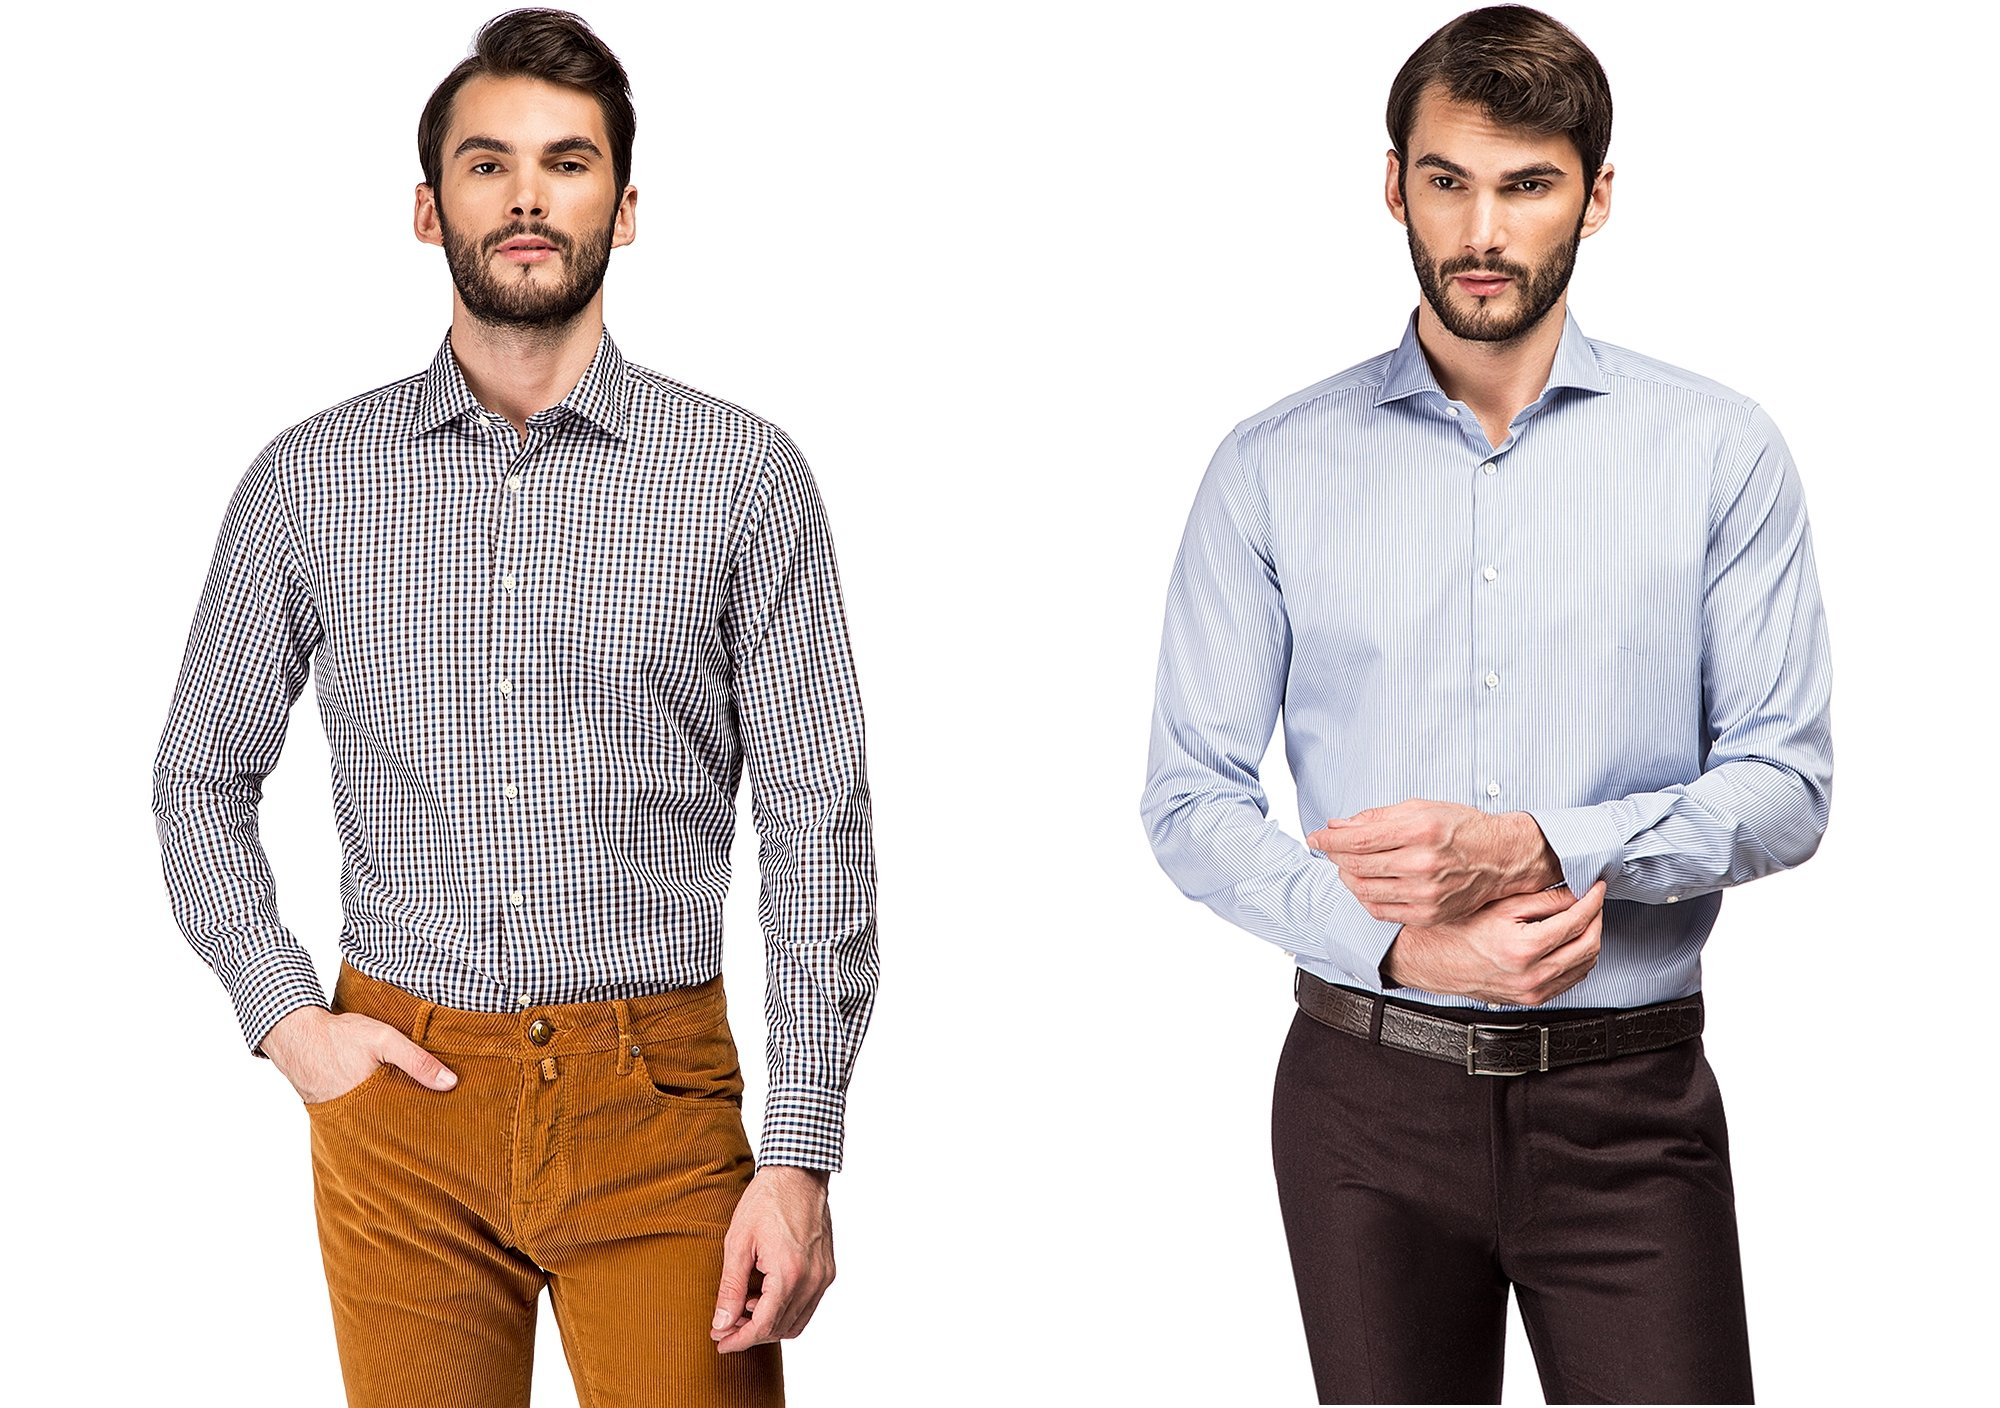 Модным мужским рубашкам 60 лет, ведь столько бренду Xacus